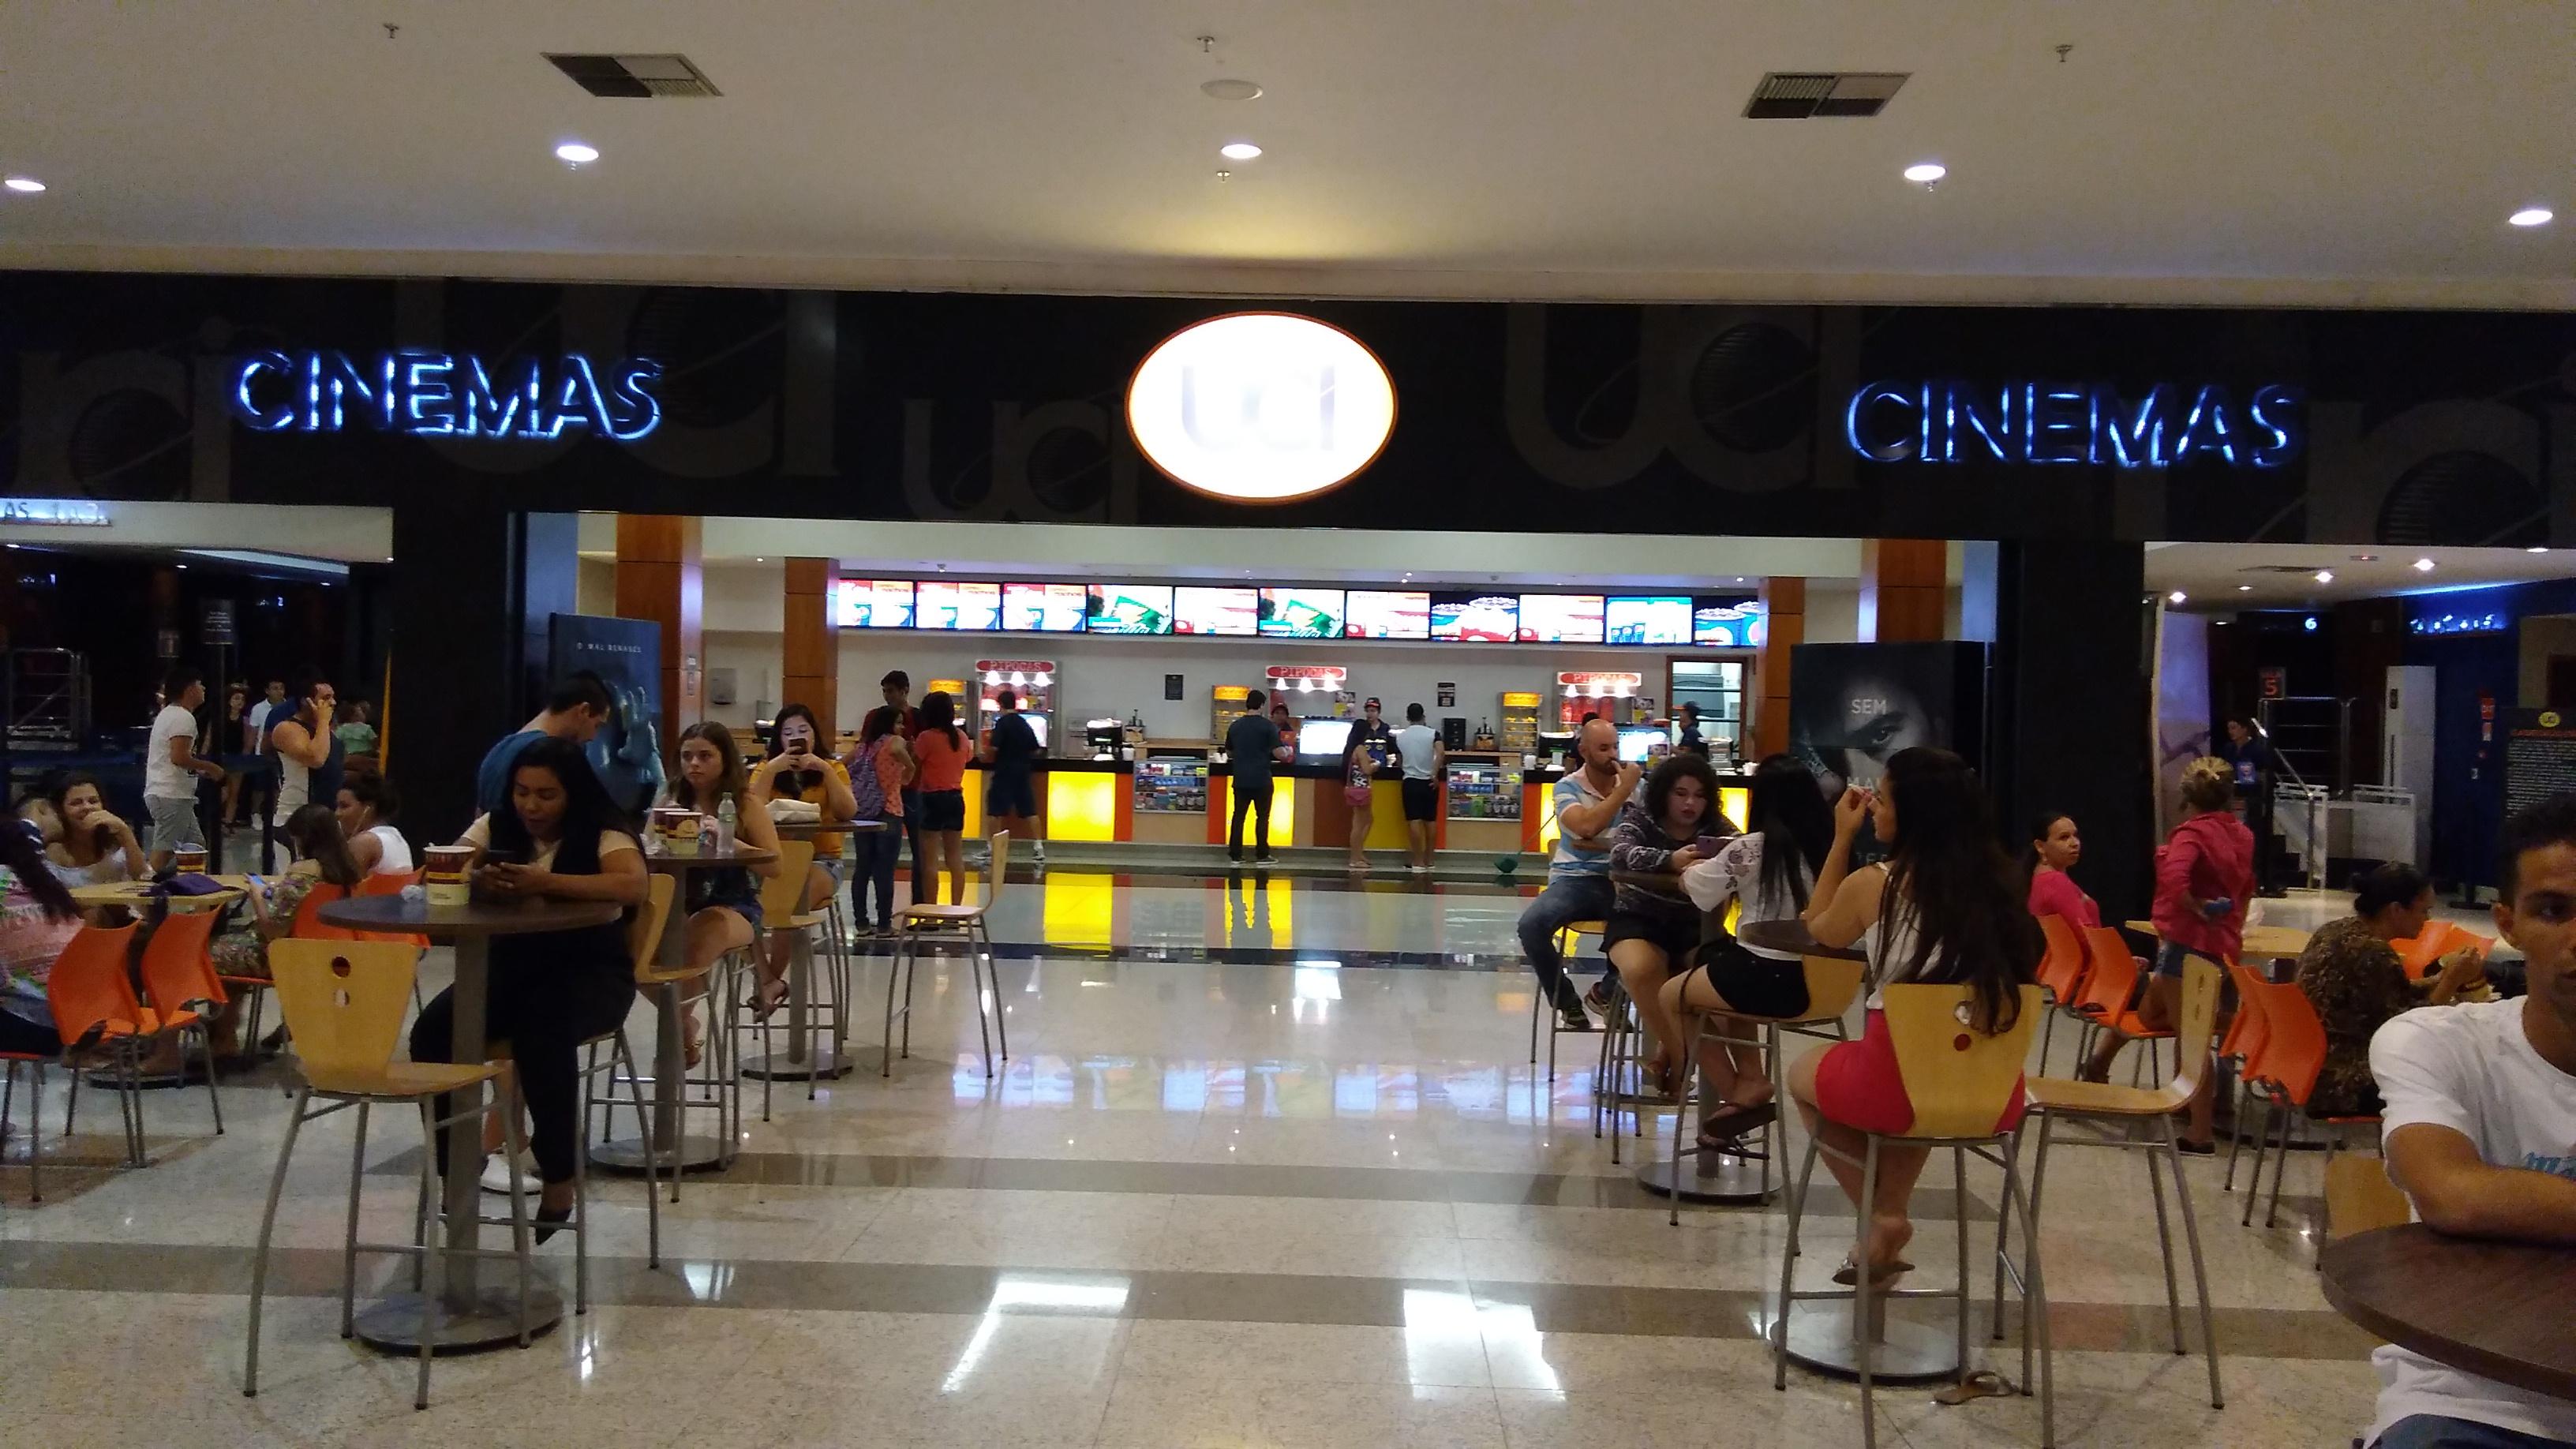 Circuito Cinemas : United cinemas international u wikipédia a enciclopédia livre